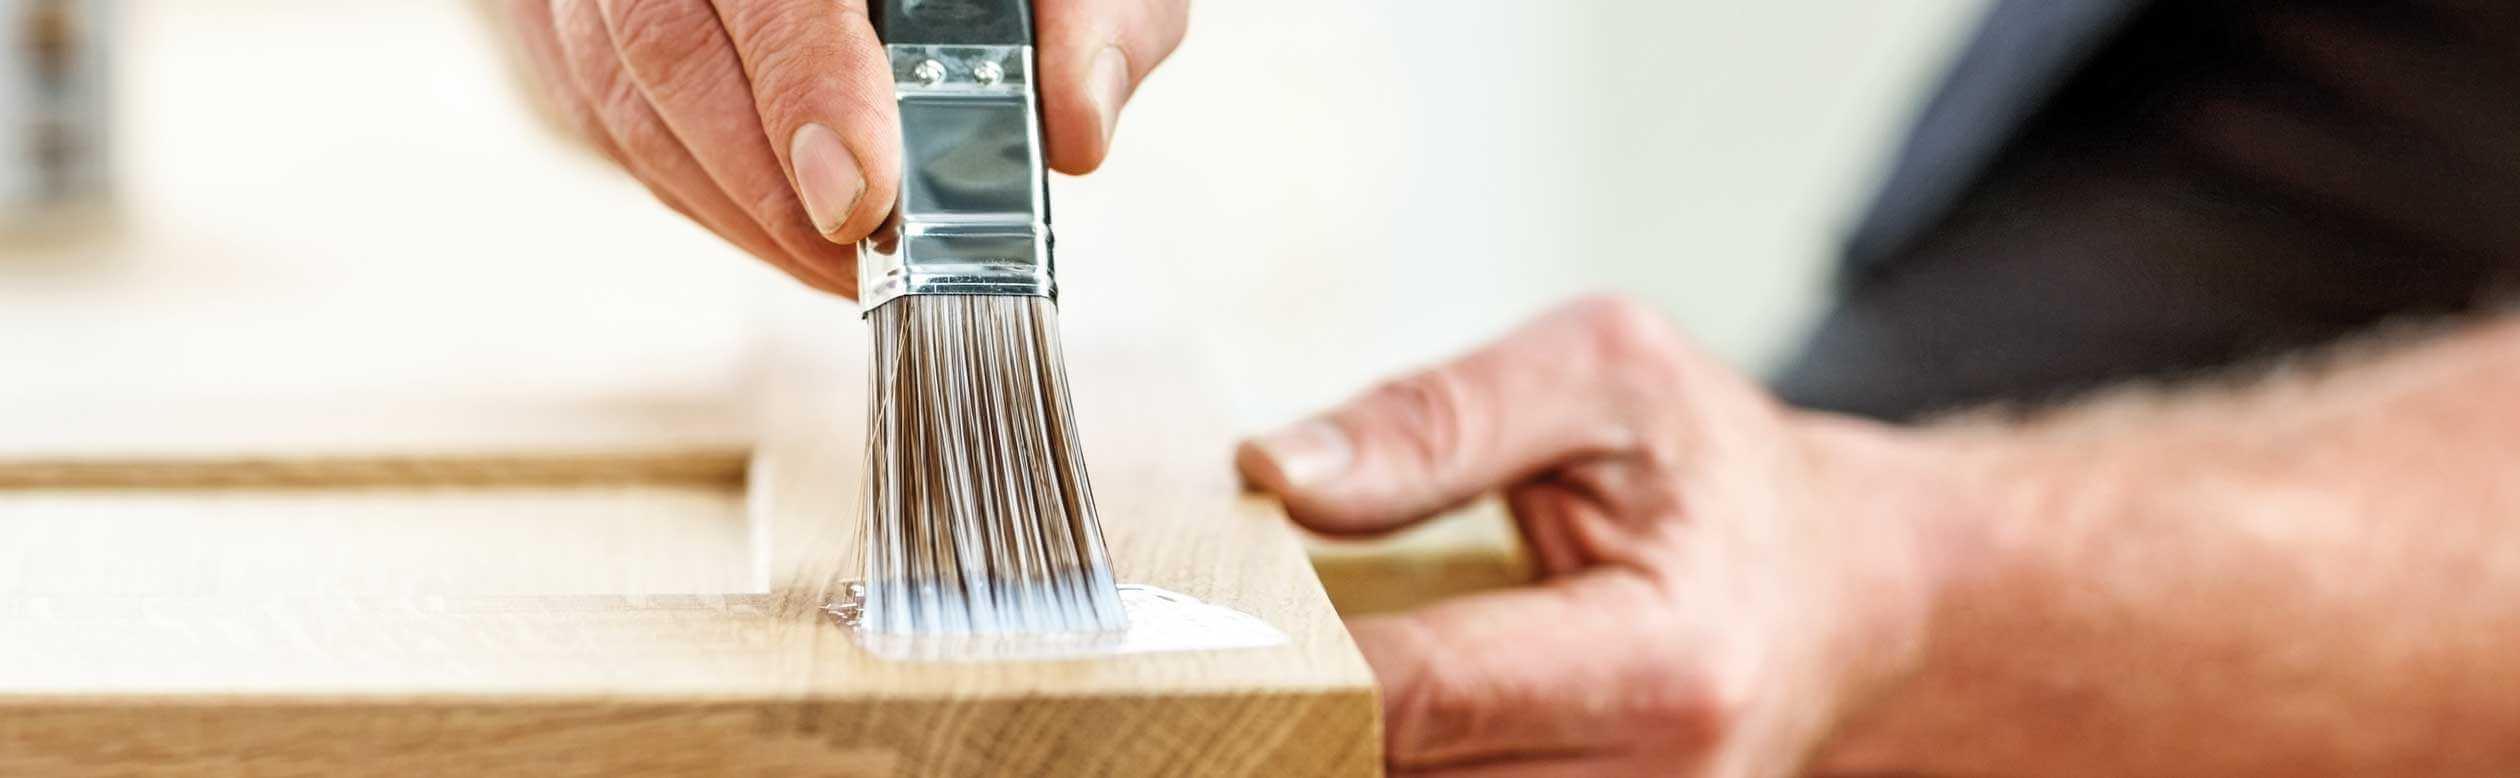 Bearbeitung von Holz